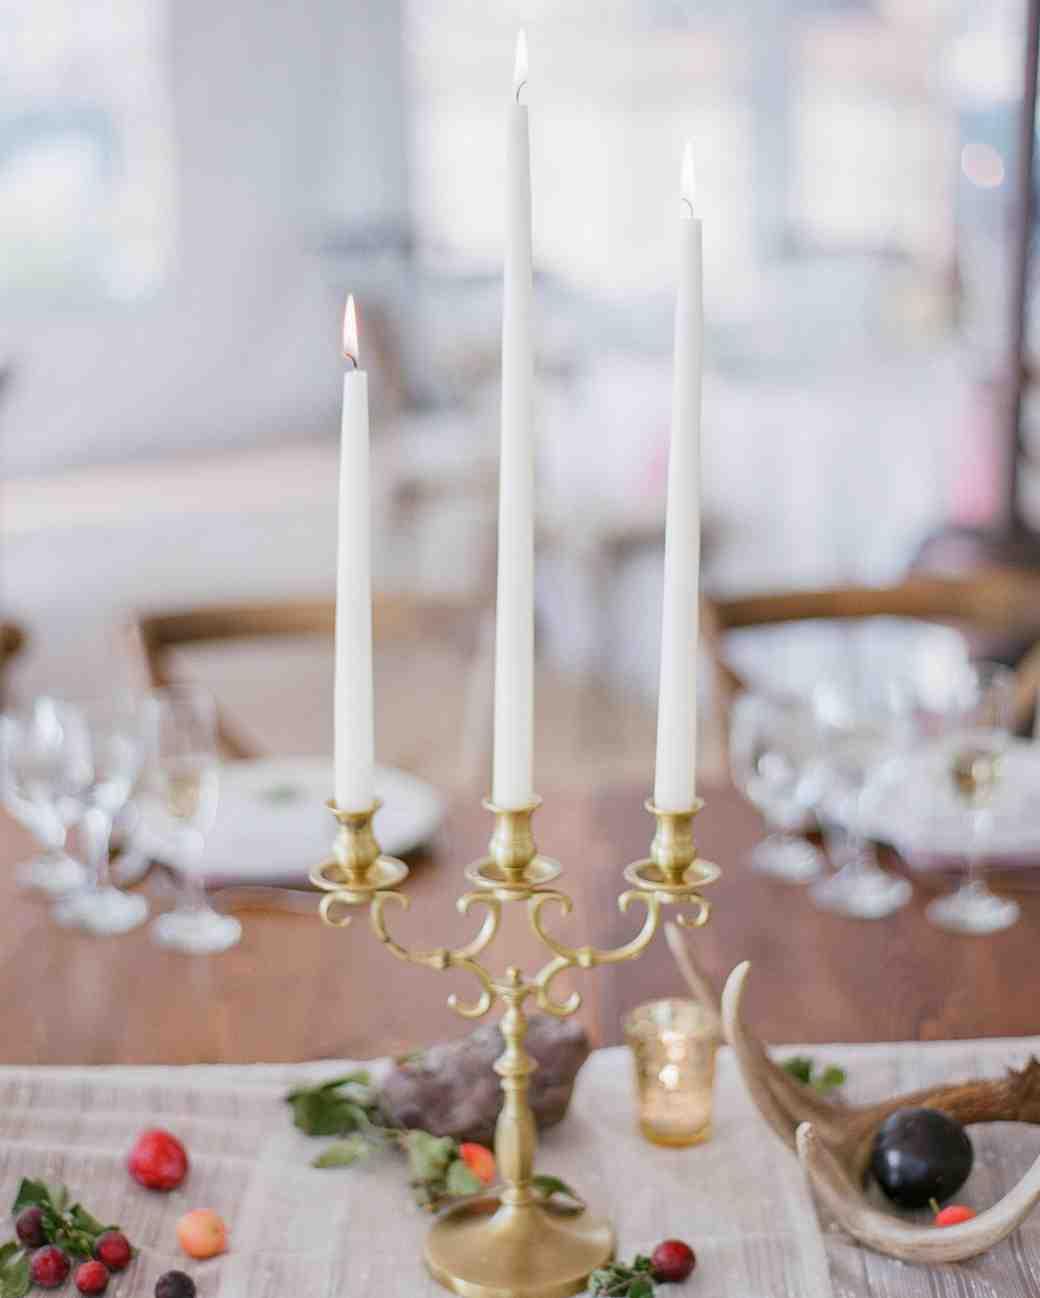 Nonfloral candle centerpiece